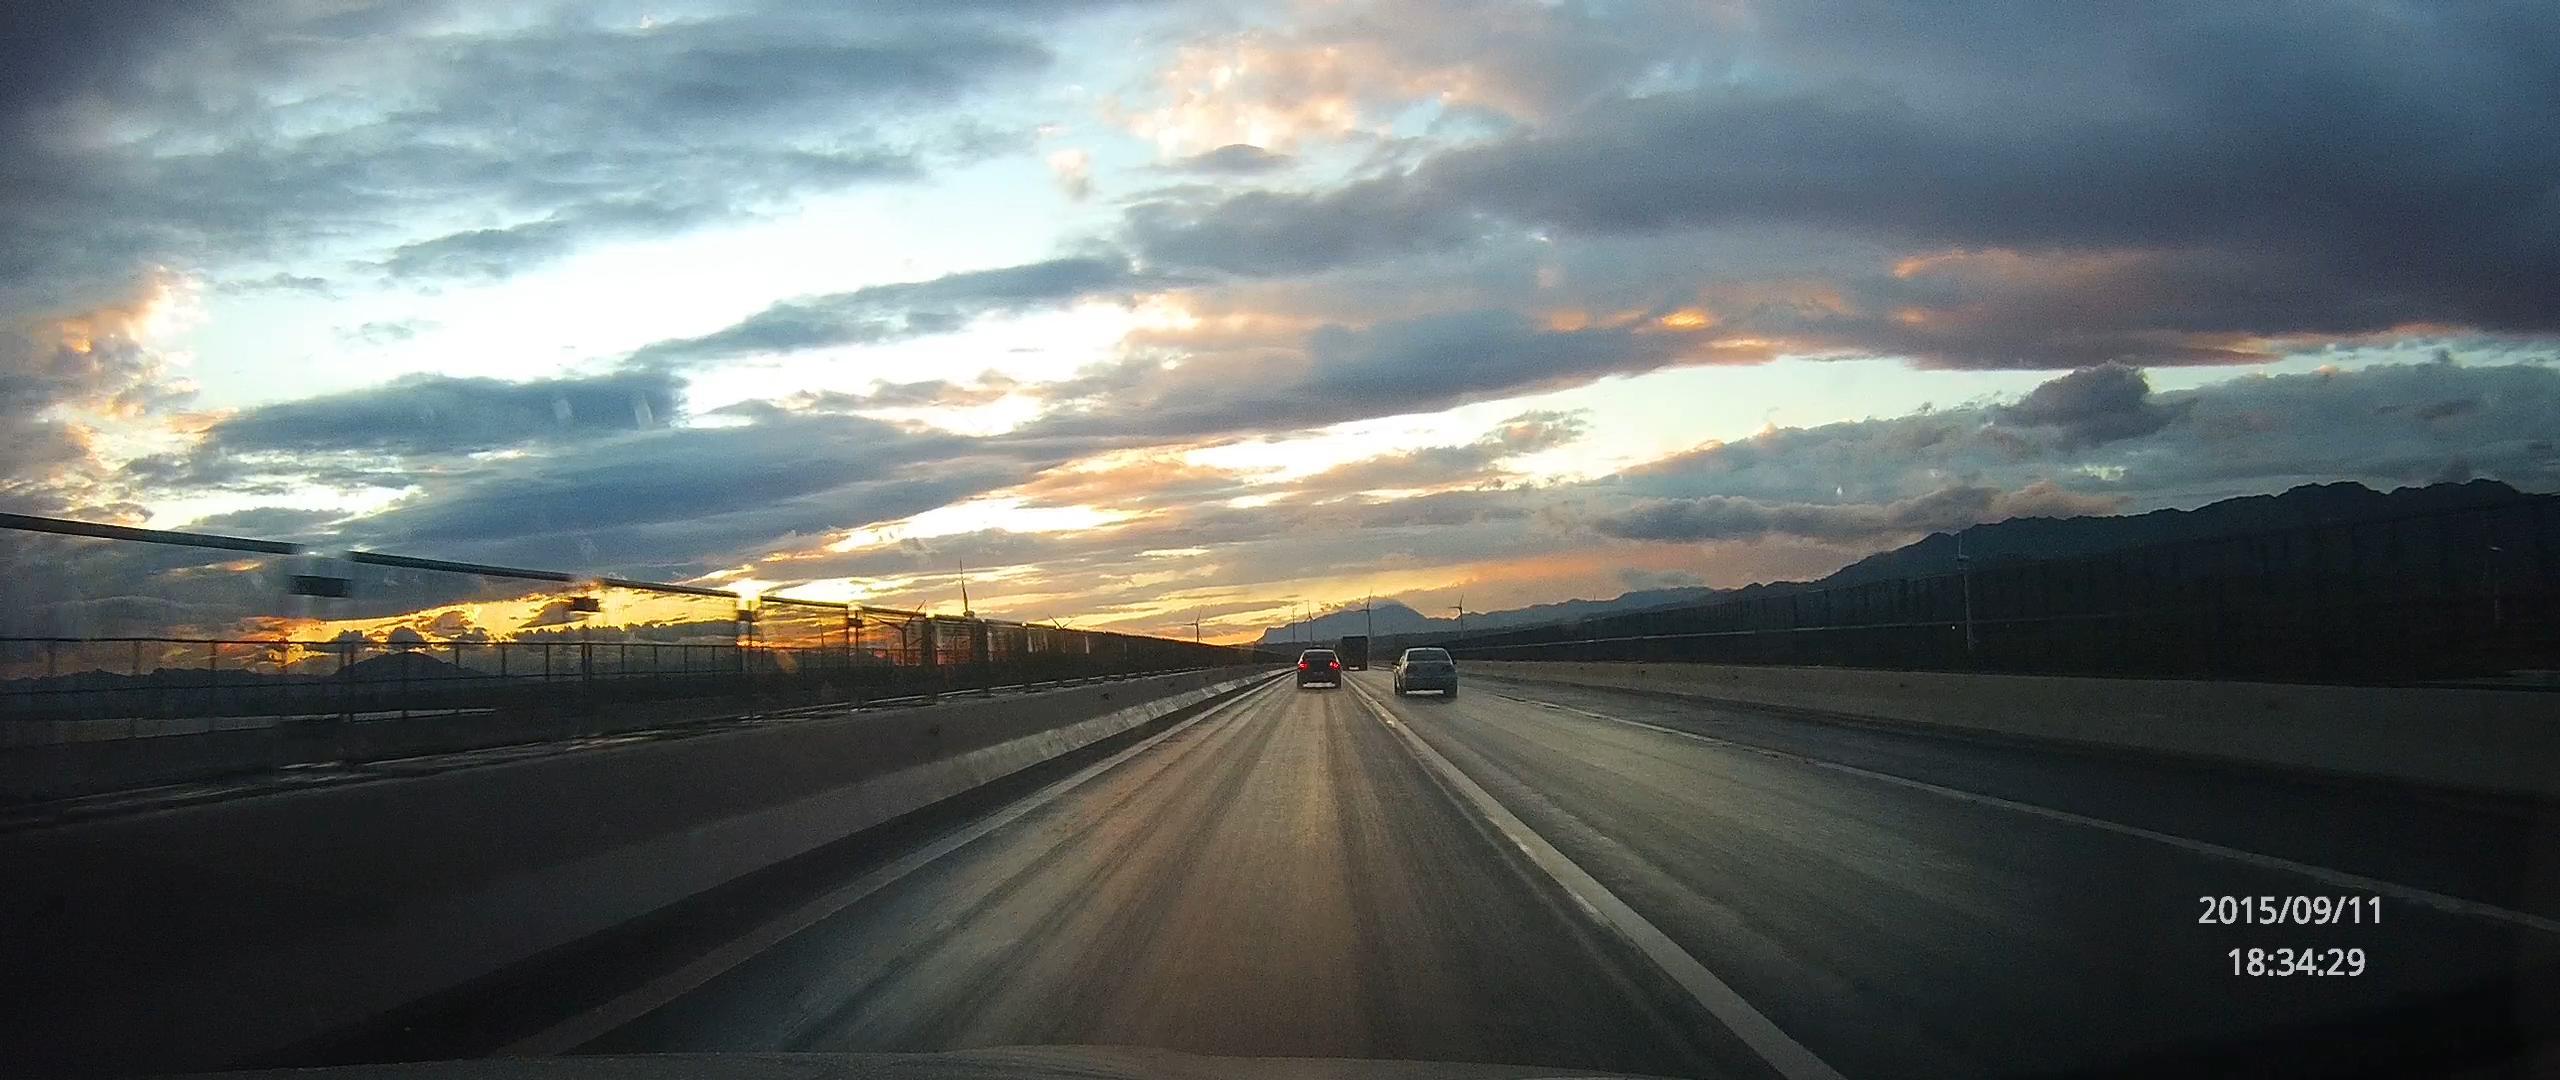 宽屏壁纸2560x1080-京藏高速上偶遇大雨后的晚霞